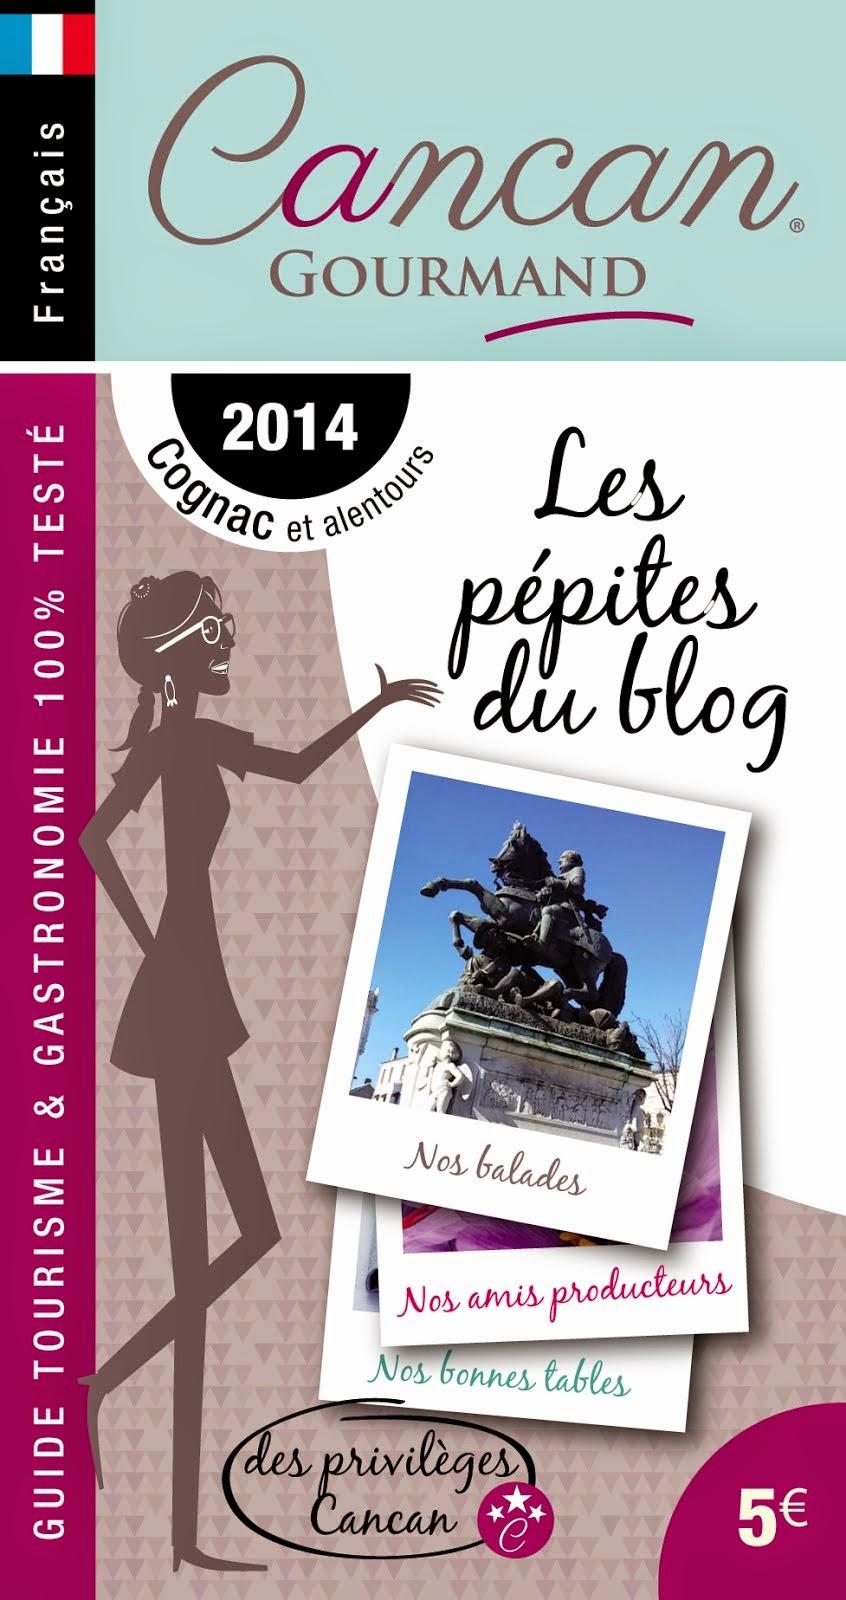 Le guide Cancan Gourmand est disponible, en français et en anglais !